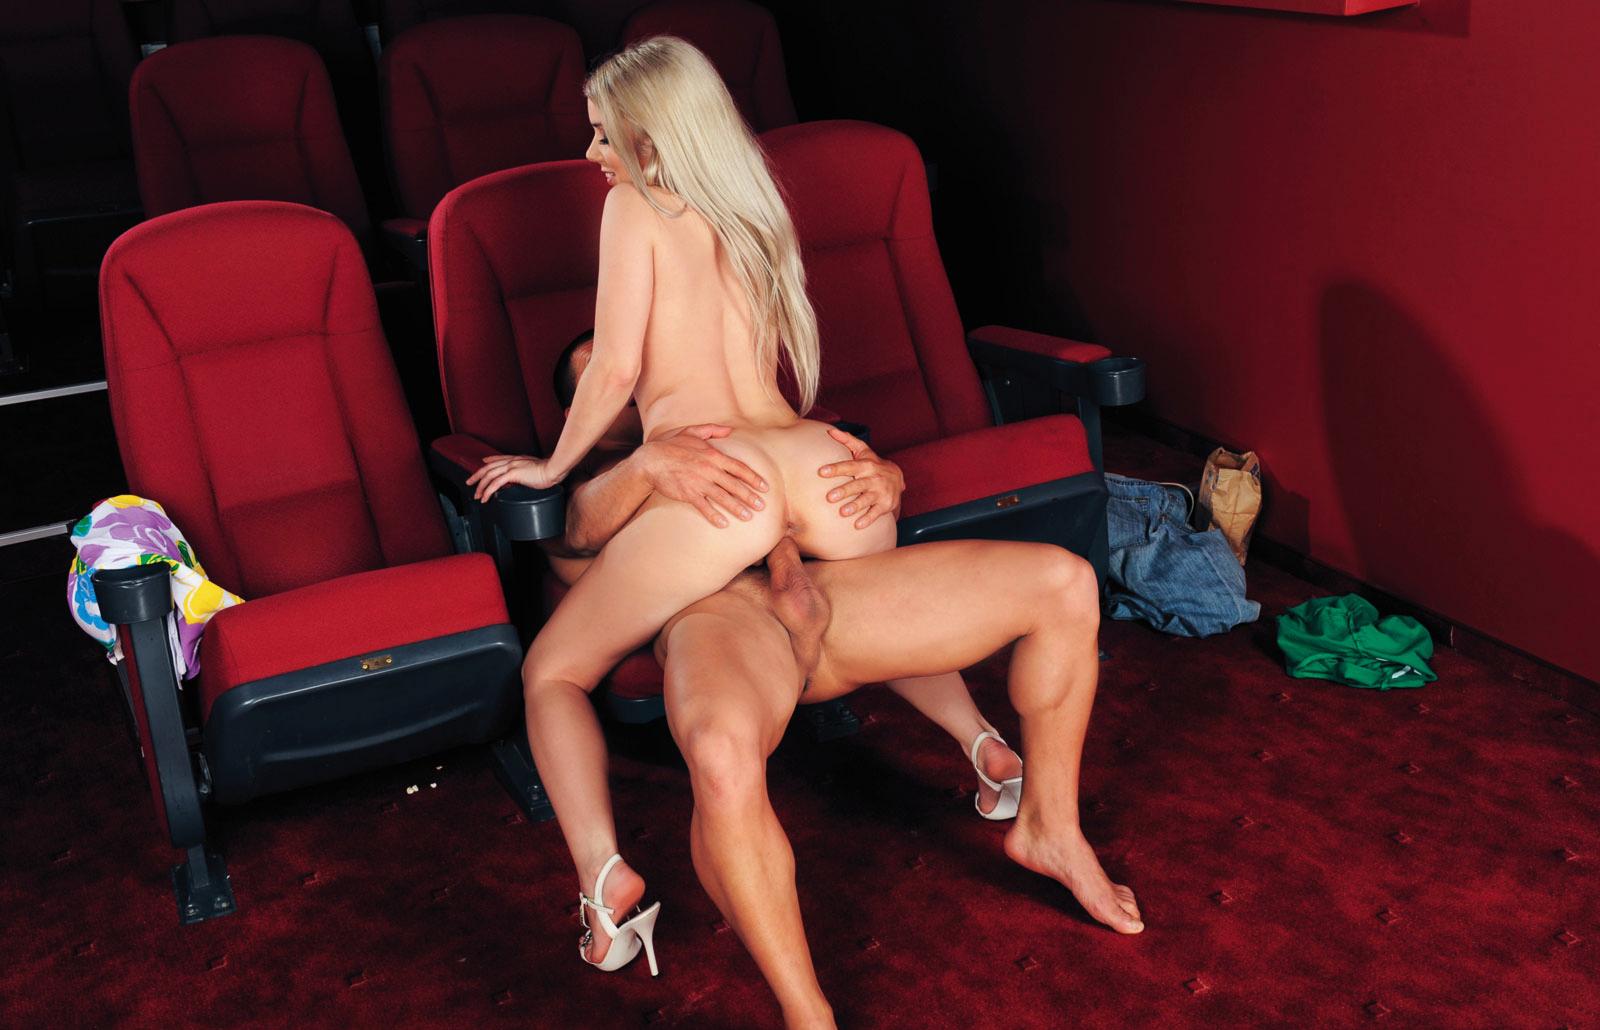 Wifein Boots Fuck In Porn Cinema Free Pics